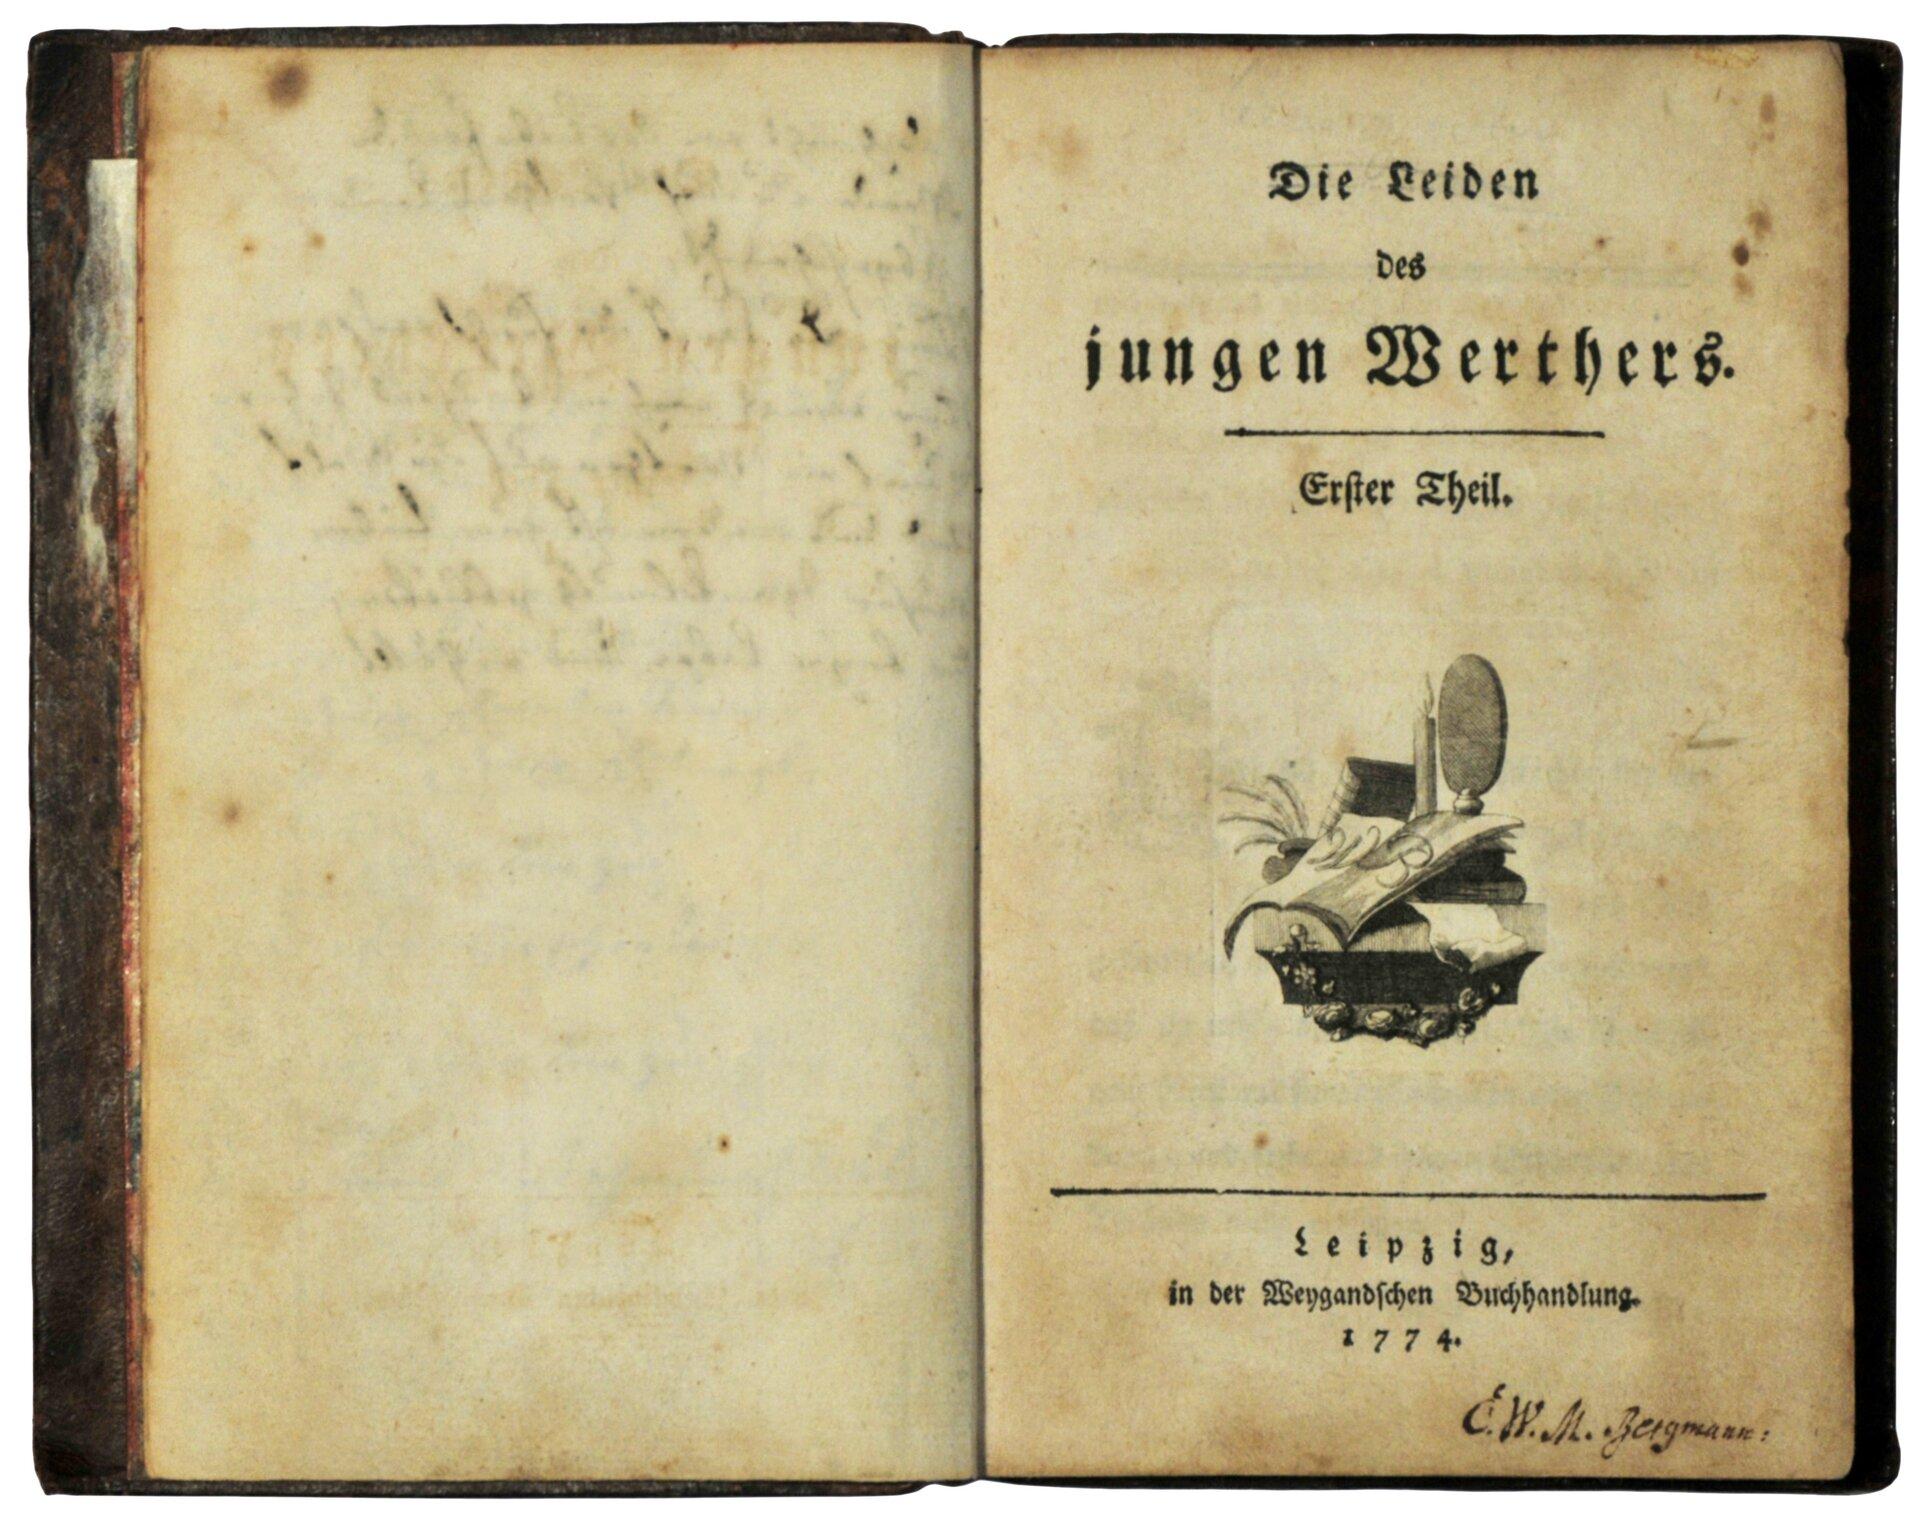 Pierwsze wydanie Cierpień młodego Wertera z1774 roku Pierwsze wydanie Cierpień młodego Wertera z1774 roku Źródło: P.Haack (fot.), skan, licencja: CC BY-SA 3.0.